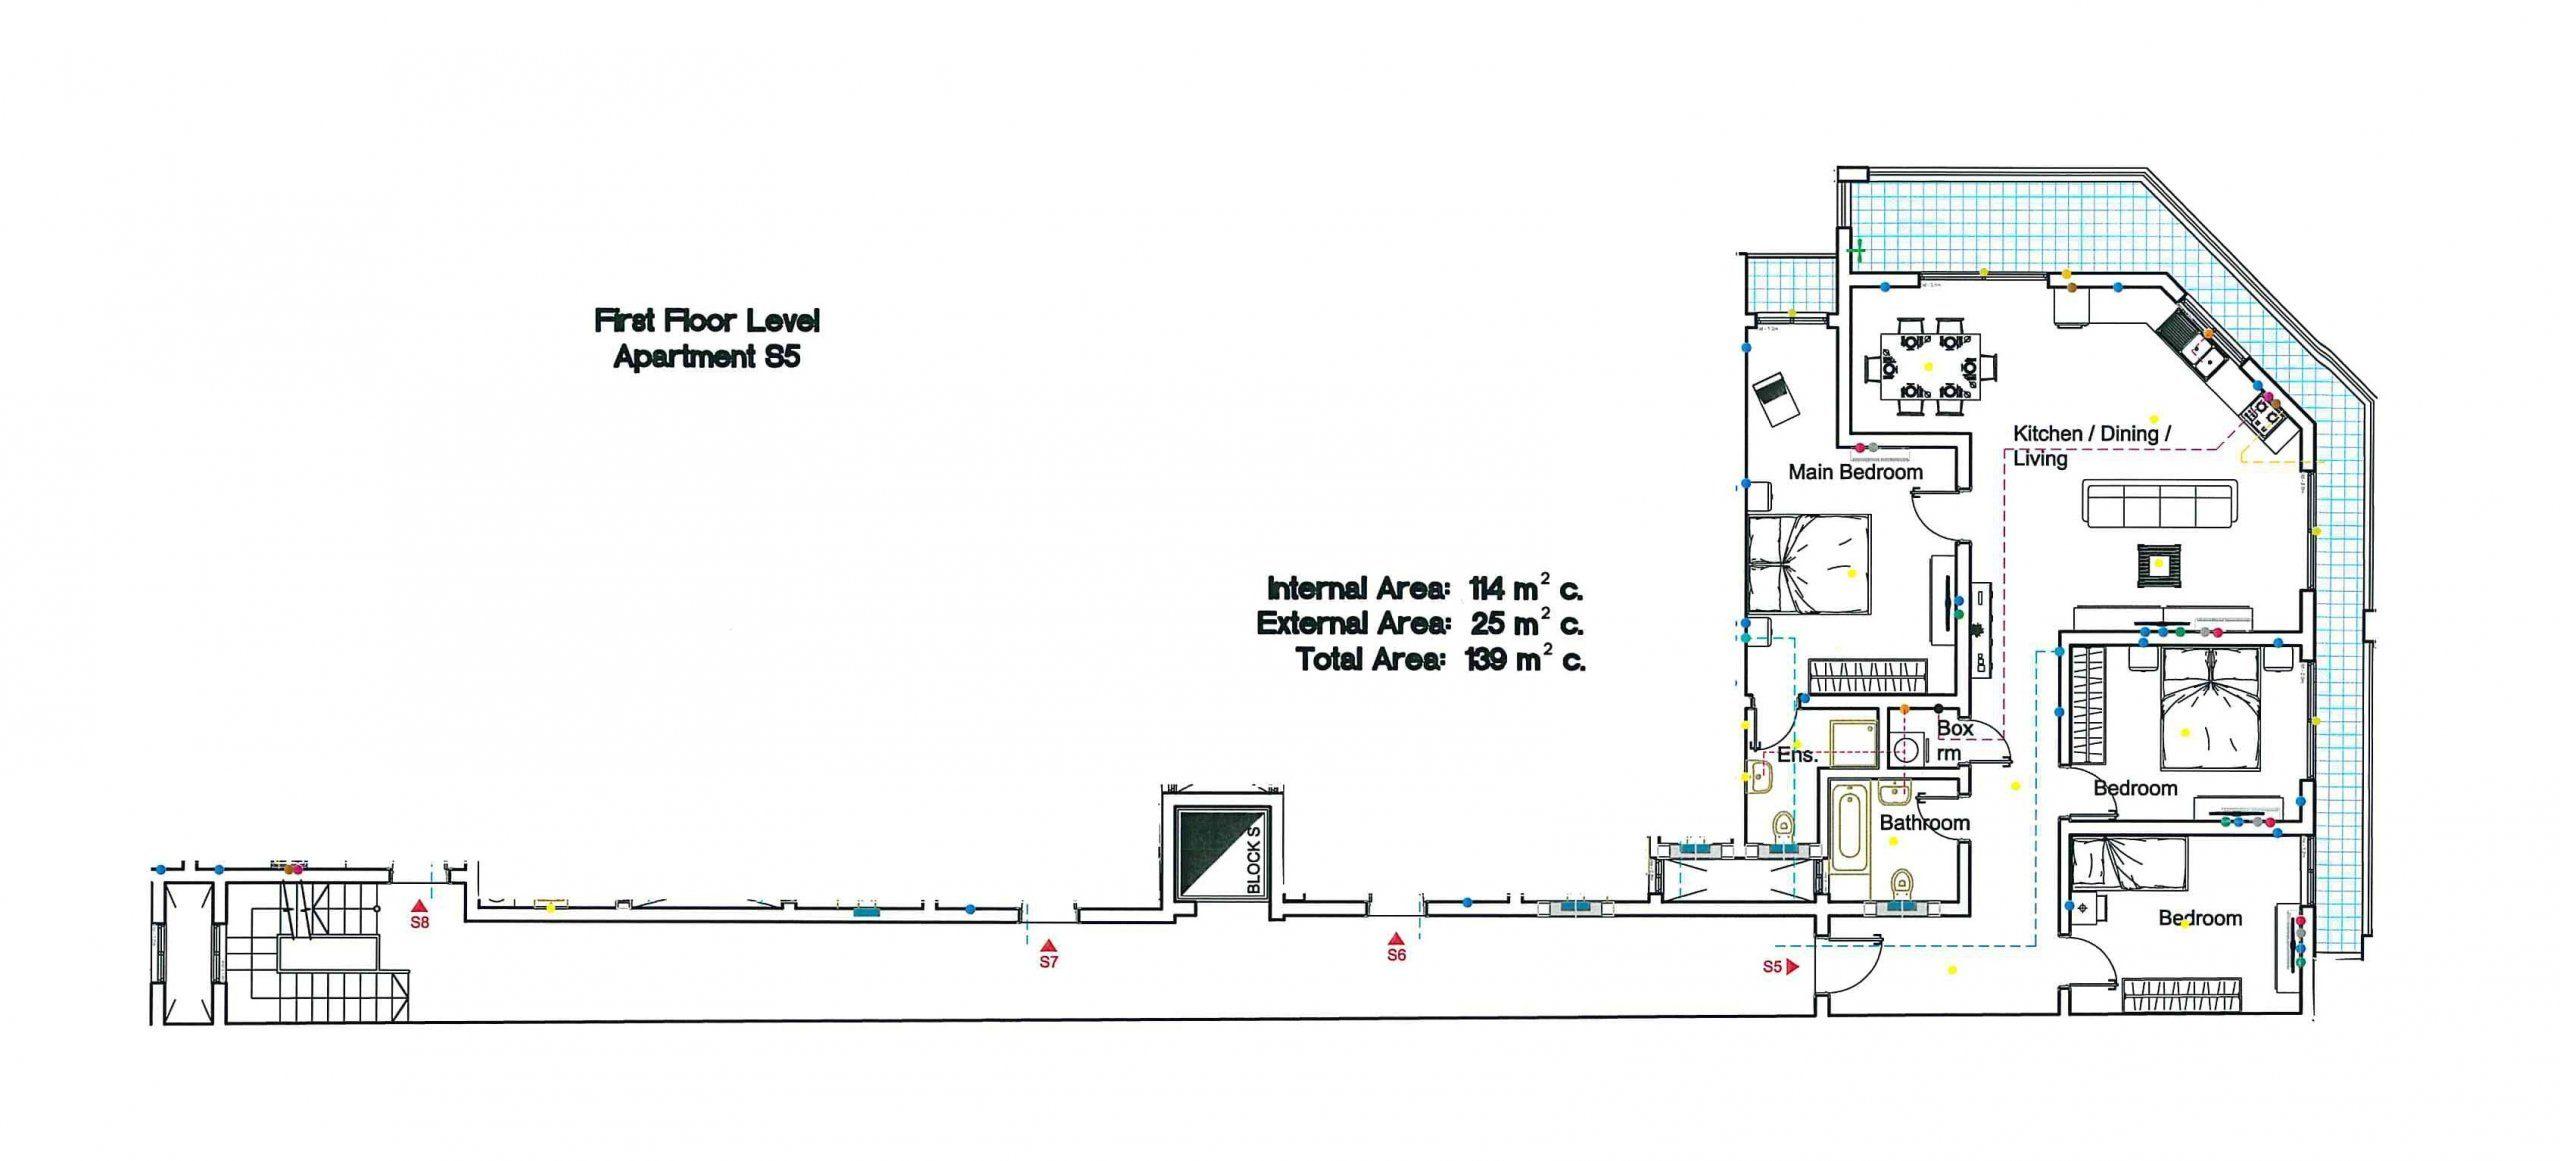 S5 First Floor